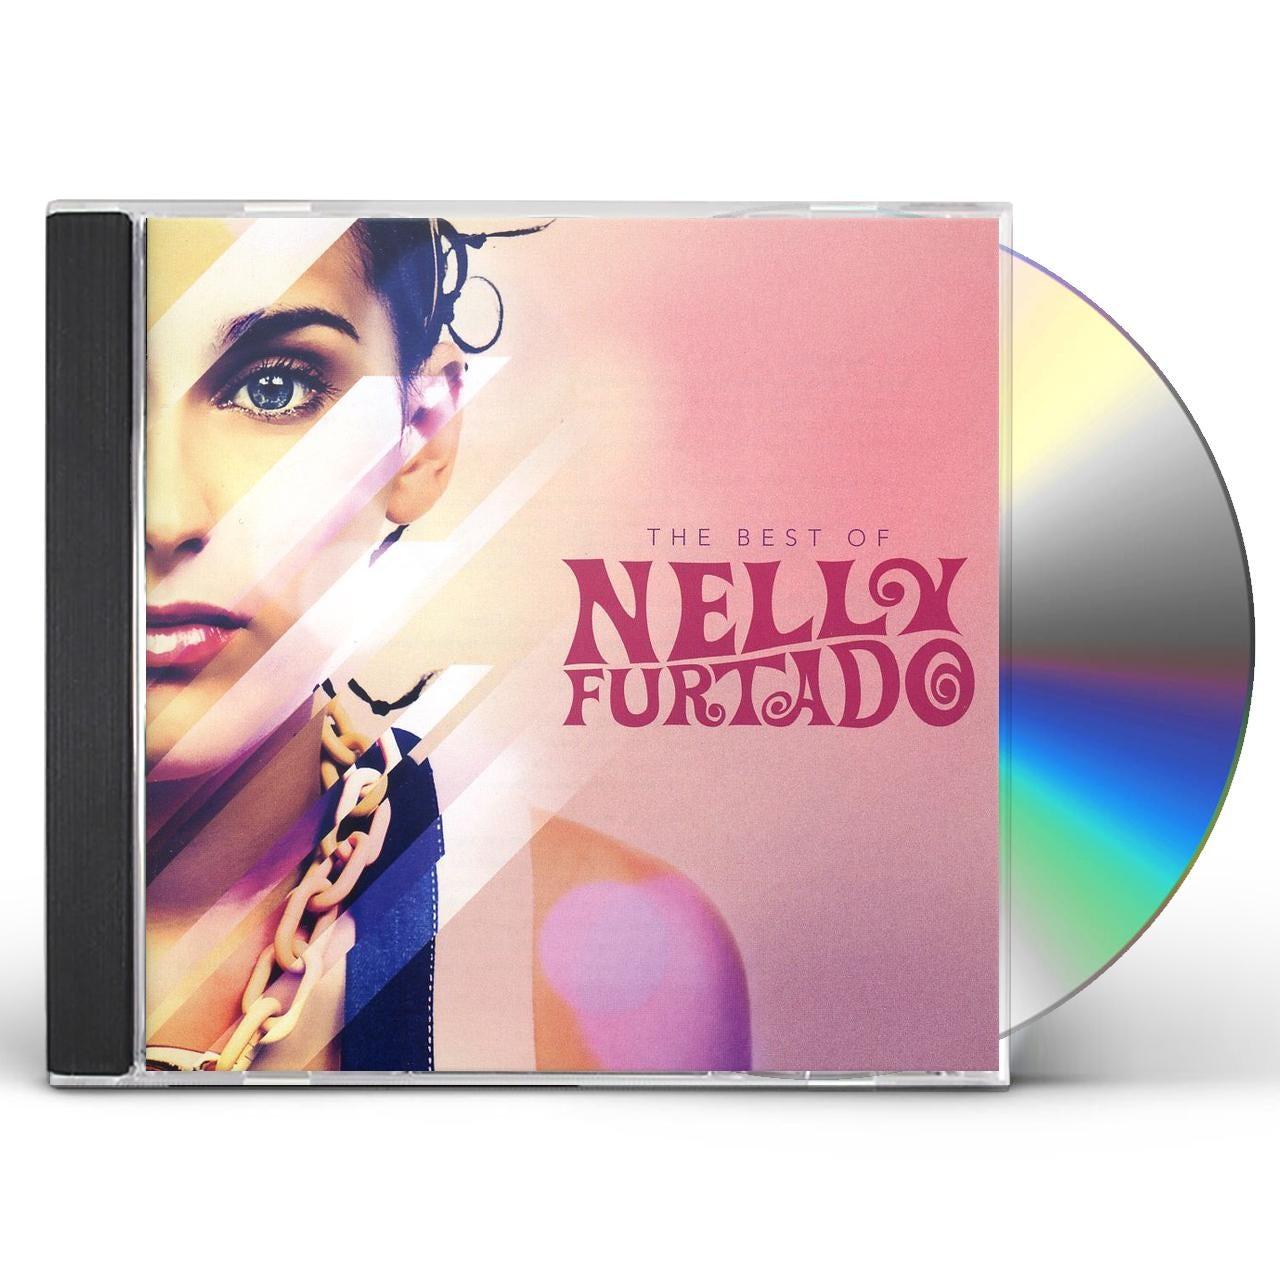 Nelly Furtado - CD The Best of Nelly Furtado